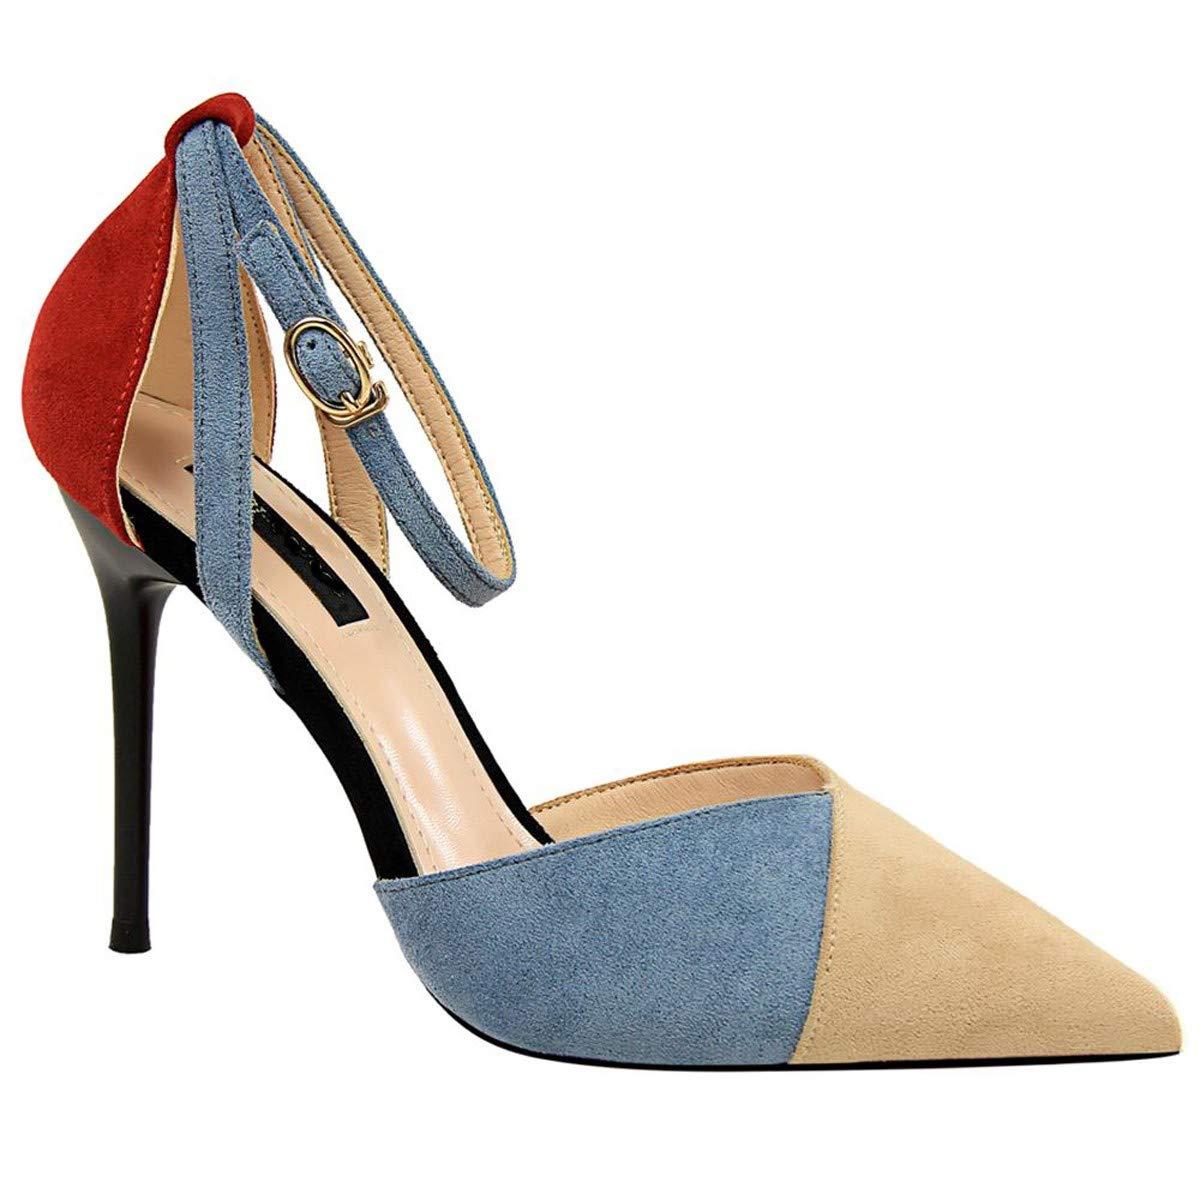 LBTSQ-la moda tacco tacco alto superficiale bocca 9cm puntata sexy slim un nastro hollow camoscio colore sandali.Thirty-seven